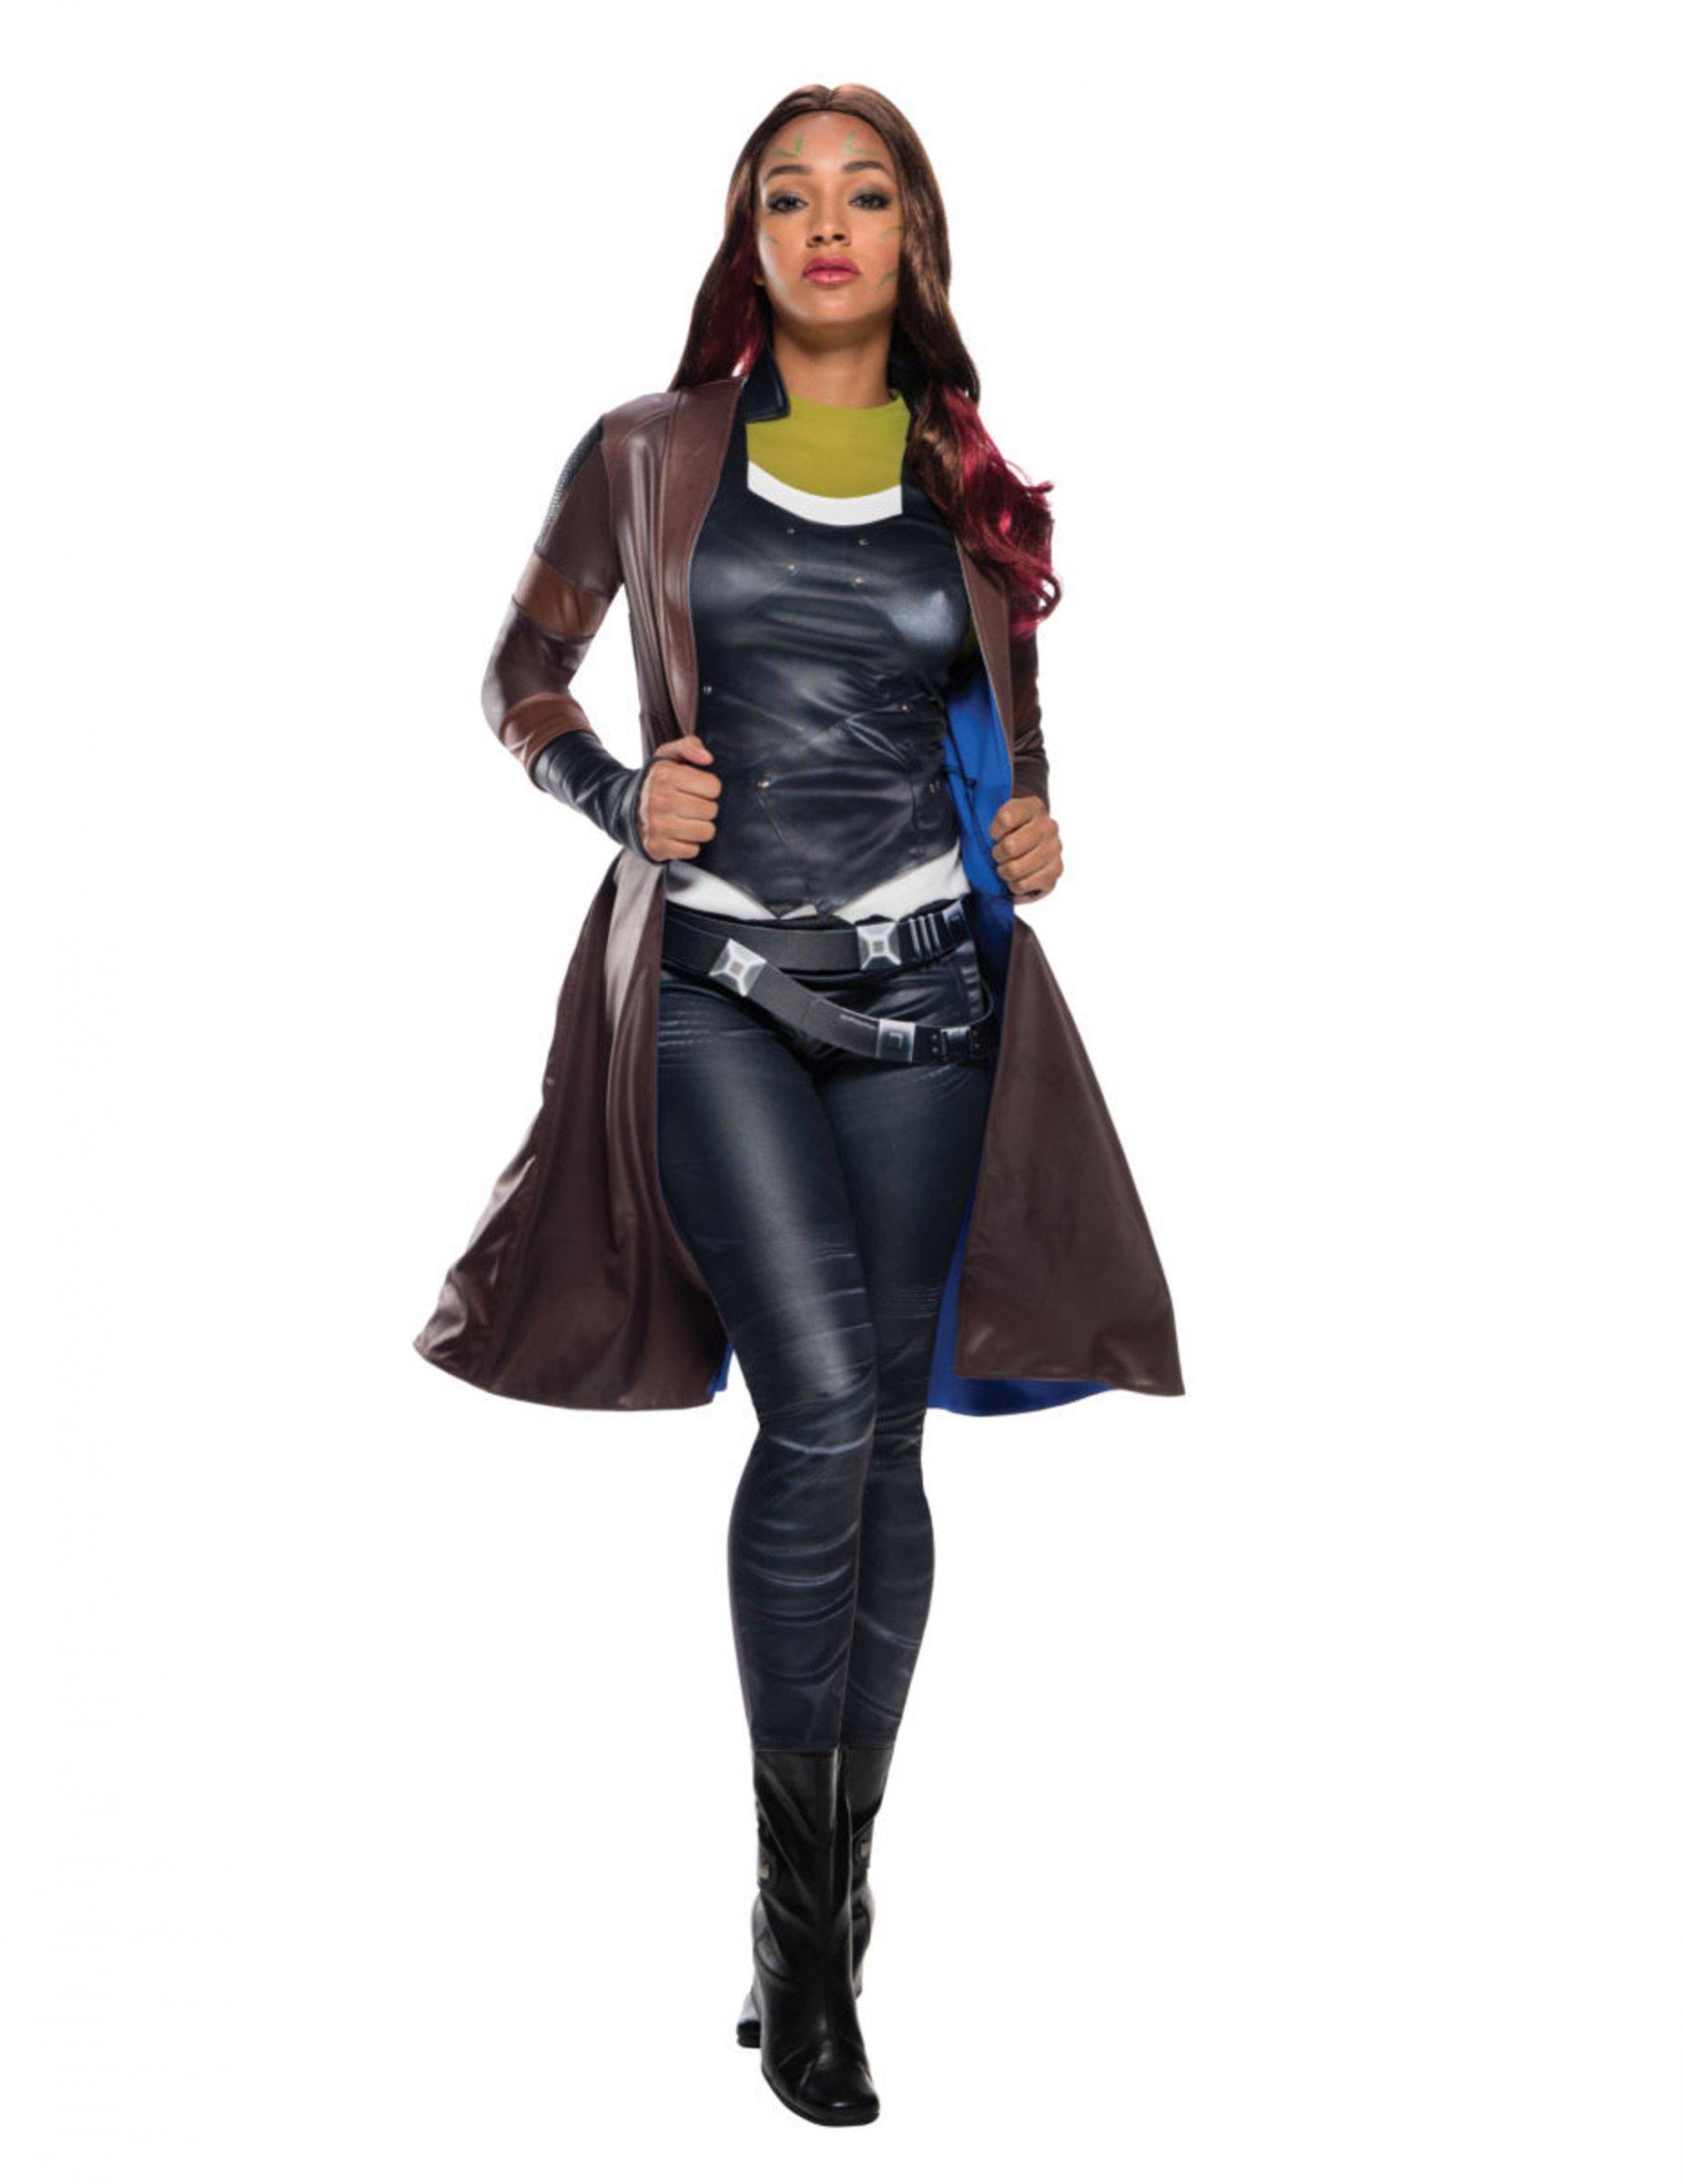 Abrigo De Lujo Gamora Los Guardianes De La Galaxia 2 Mujer